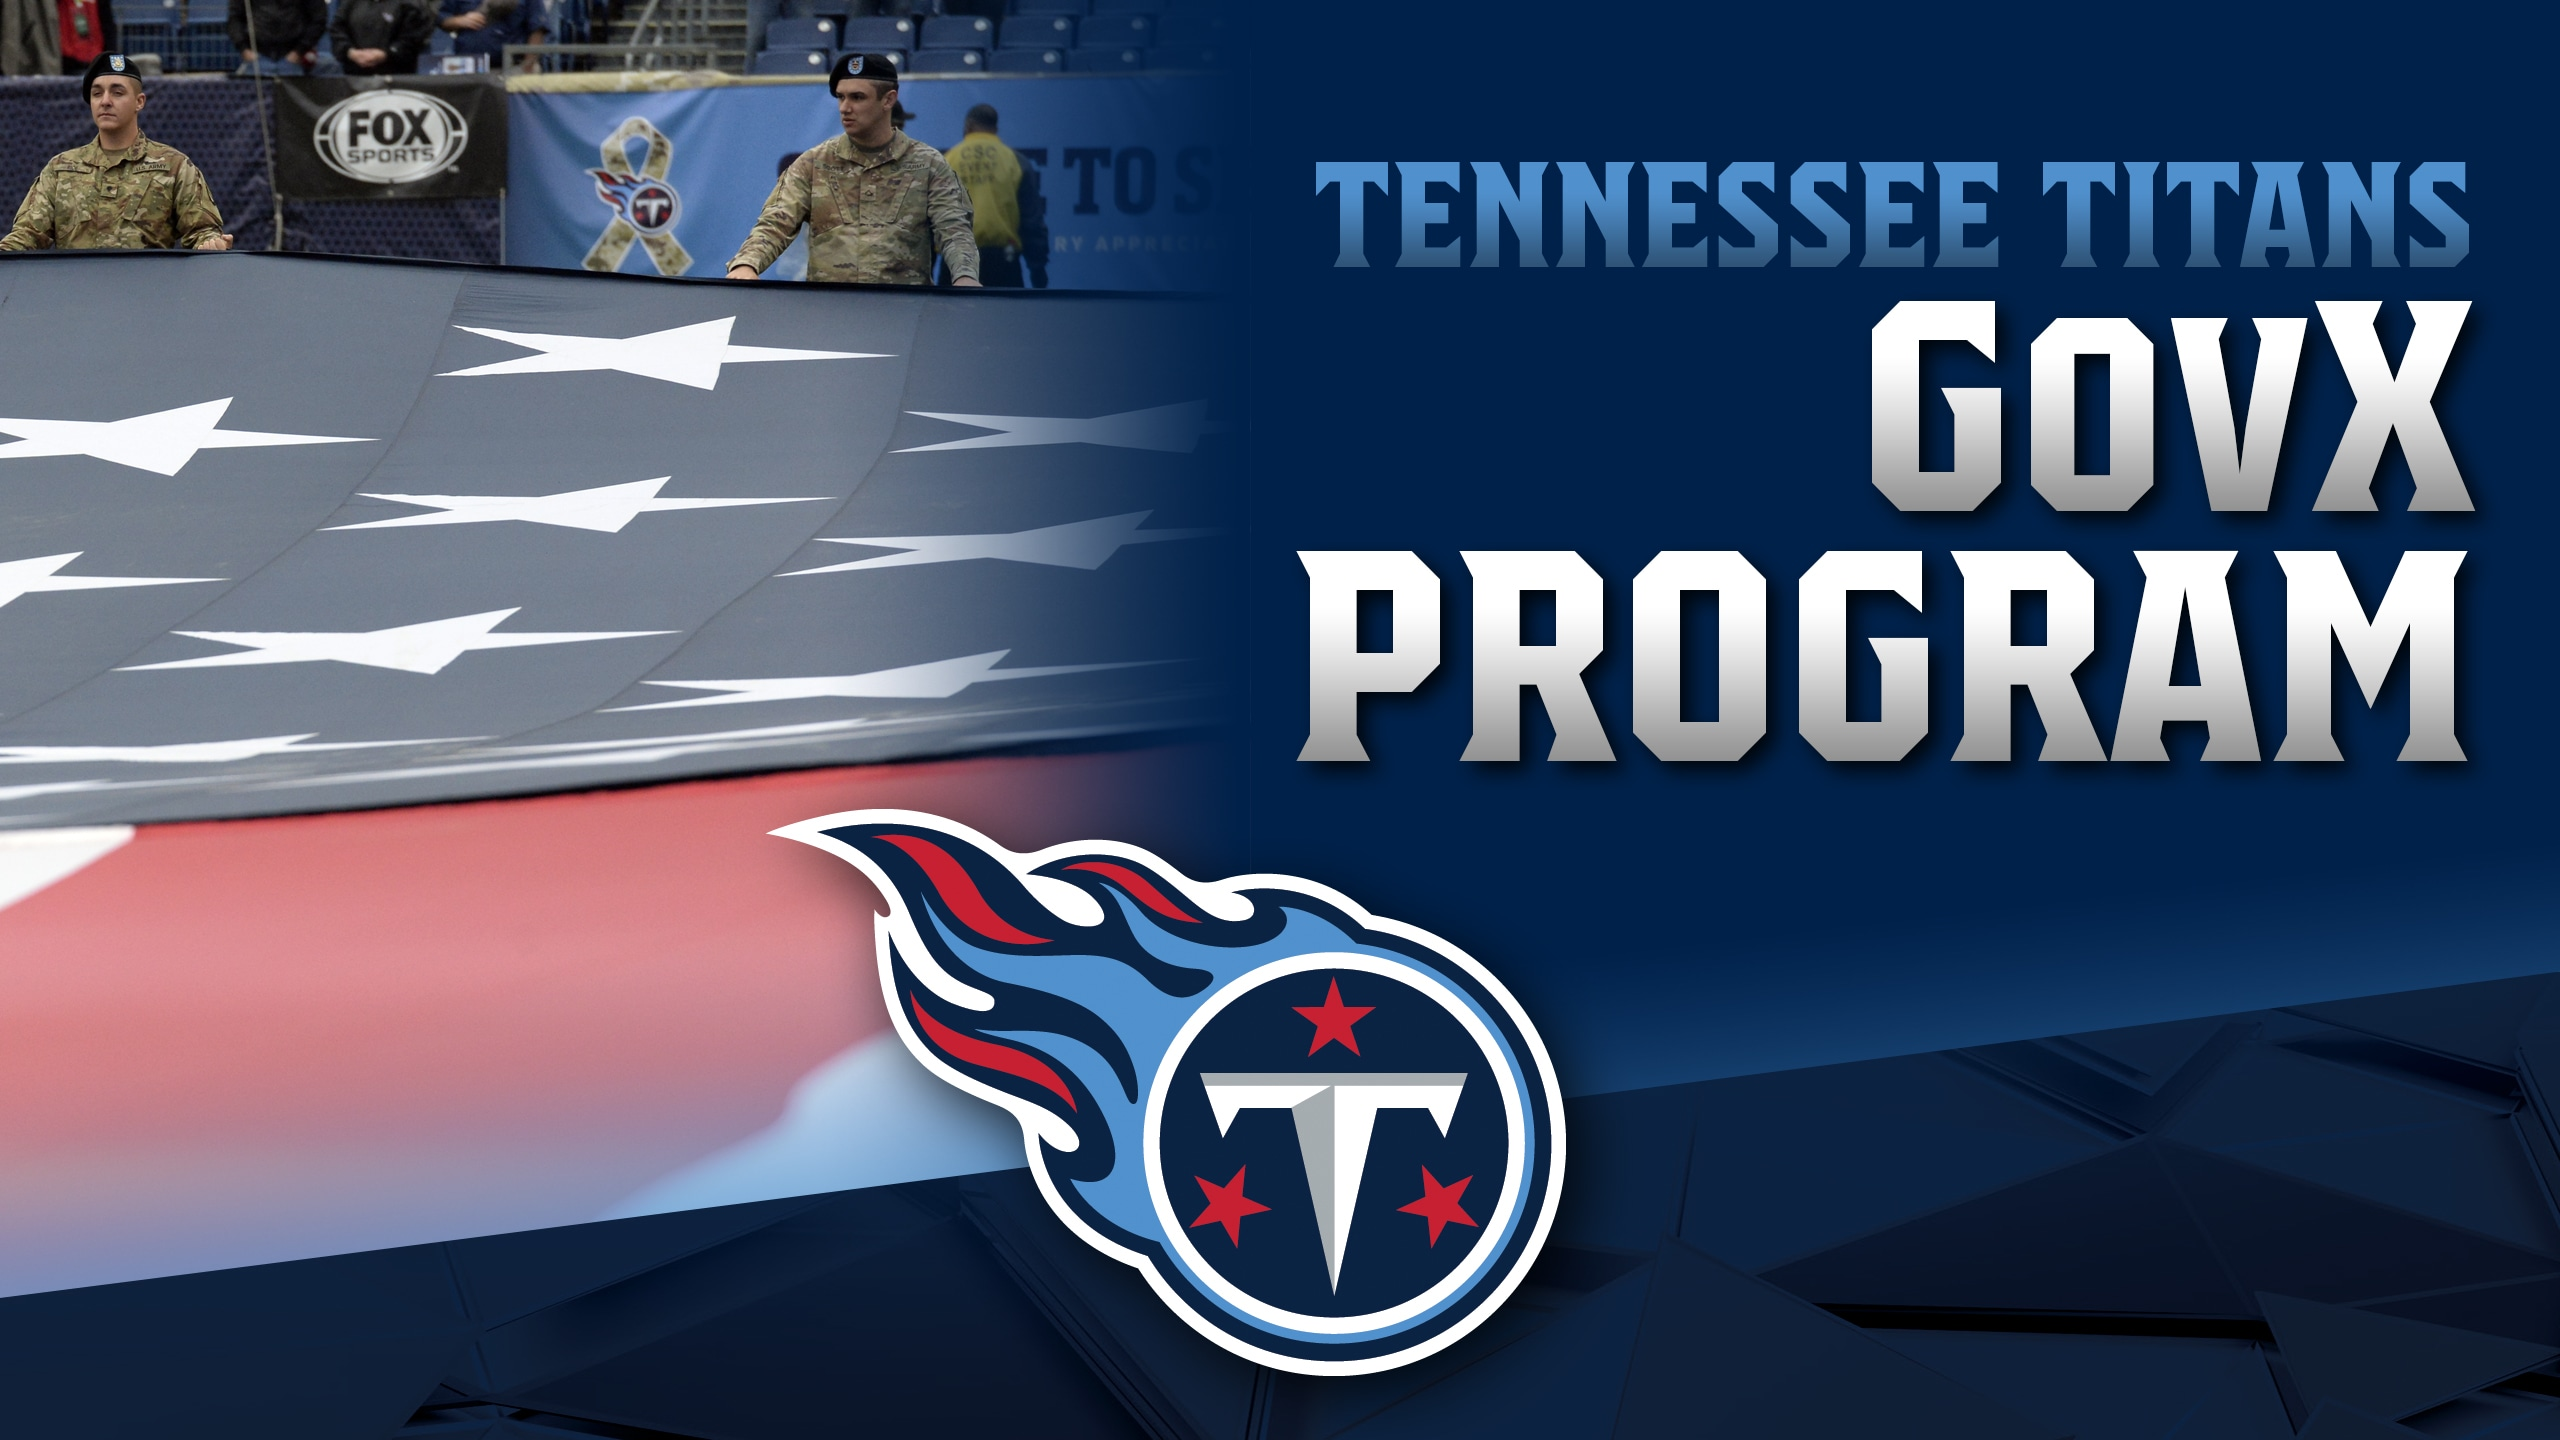 Titans GovX Program